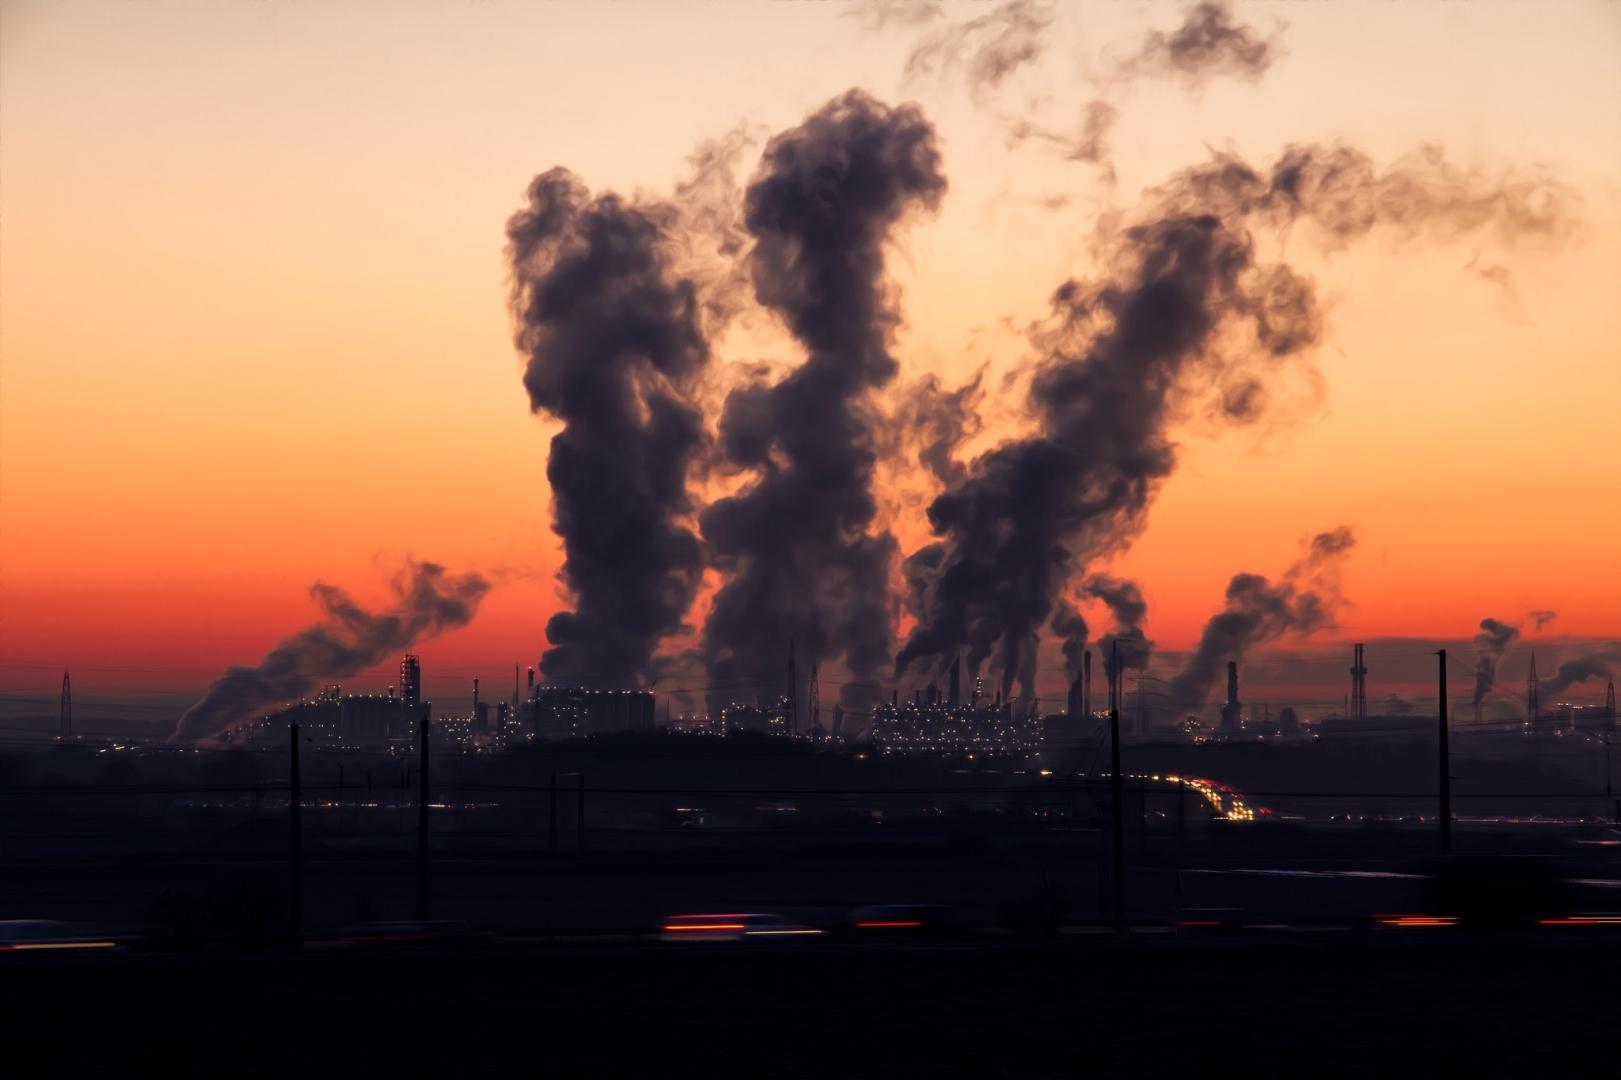 О загрязнении воздуха картинки